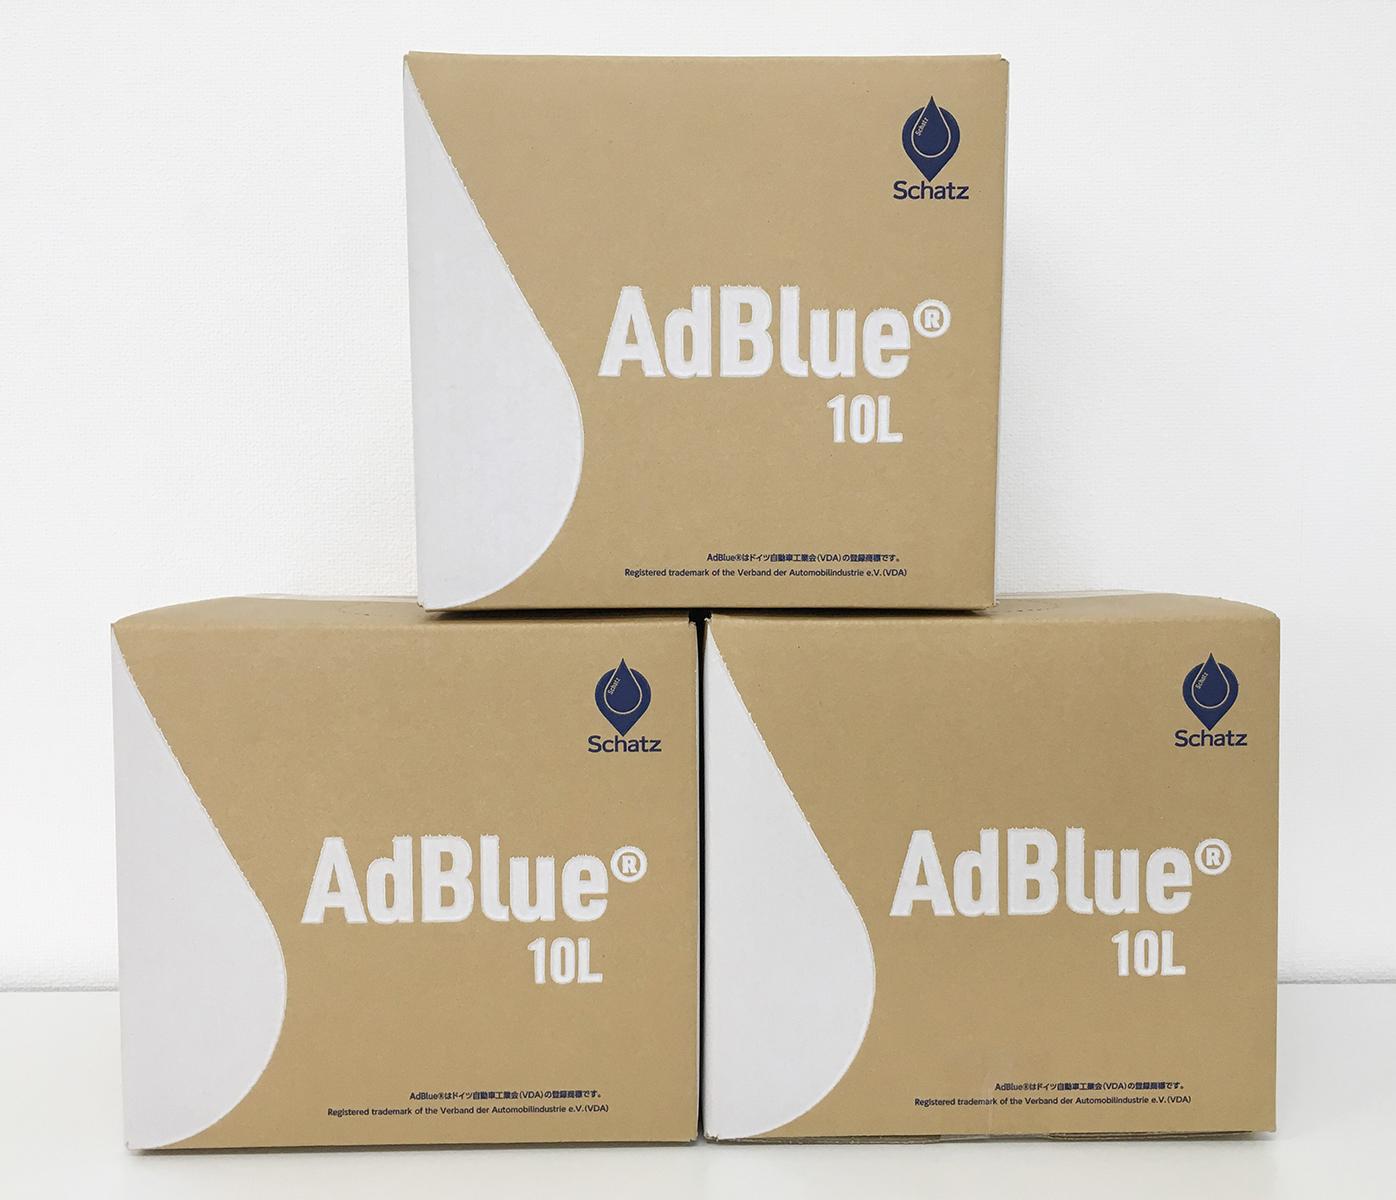 ノズル付属 10L×3個セット AdBlue 無料サンプルOK アドブルー 高品位尿素水 ファクトリーアウトレット